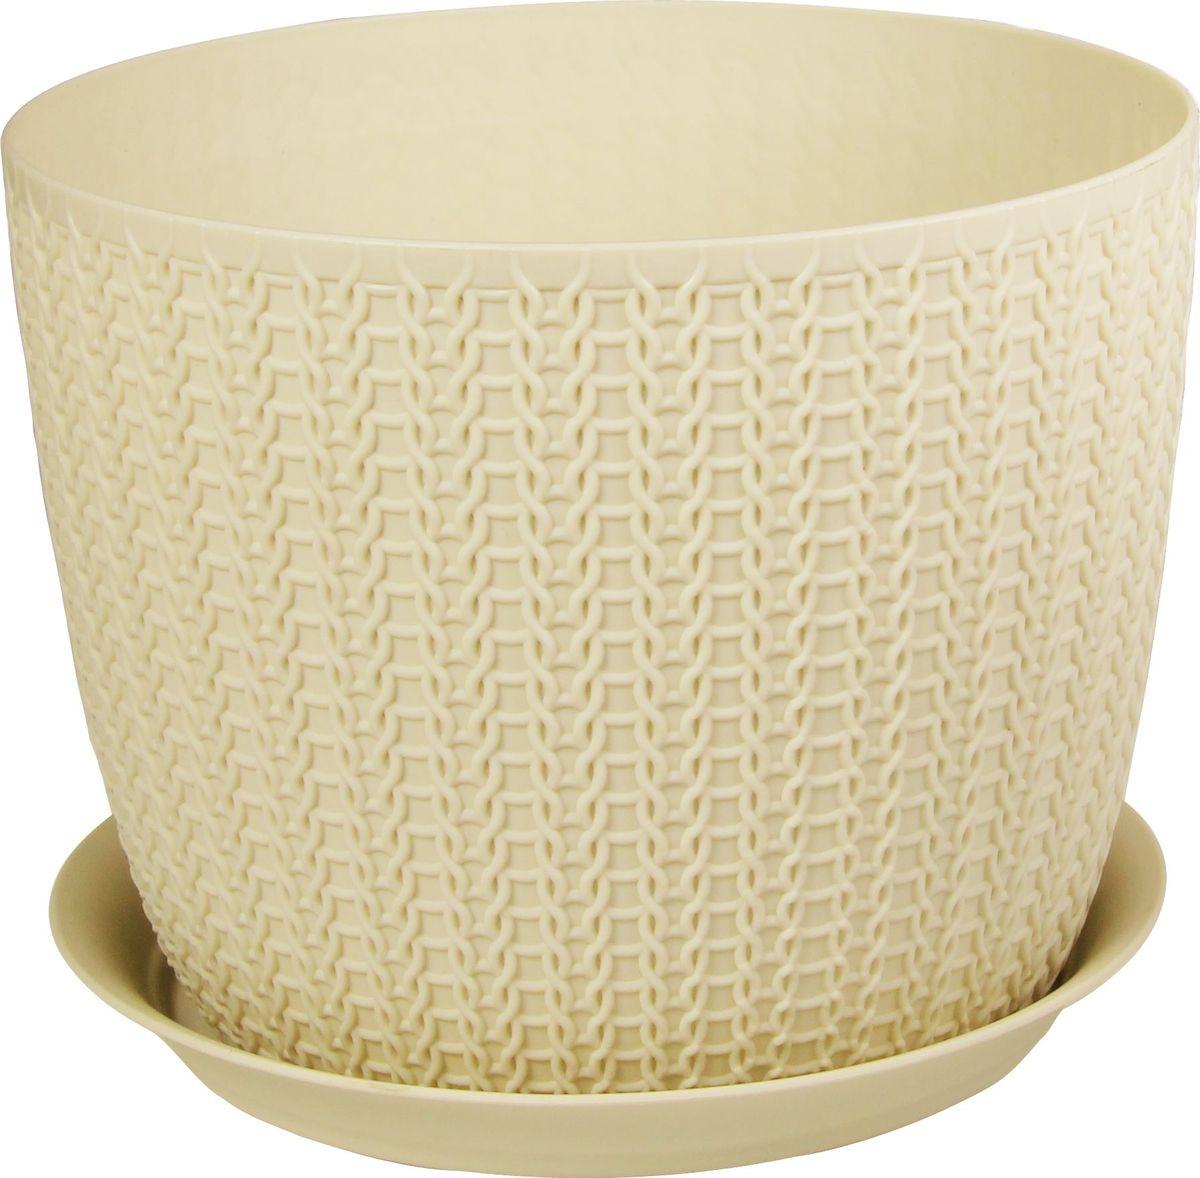 Кашпо Idea Вязание, с поддоном, цвет: белый ротанг, диаметр 15,5 смМ 3120_белый ротангКашпо Idea Вязание изготовлено из полипропилена (пластика). Специальная подставка предназначена для стока воды. Изделие прекрасно подходит для выращивания растений и цветов в домашних условиях.Диаметр кашпо: 15,5 см. Высота кашпо: 12 см. Объем кашпо: 1,9 л.